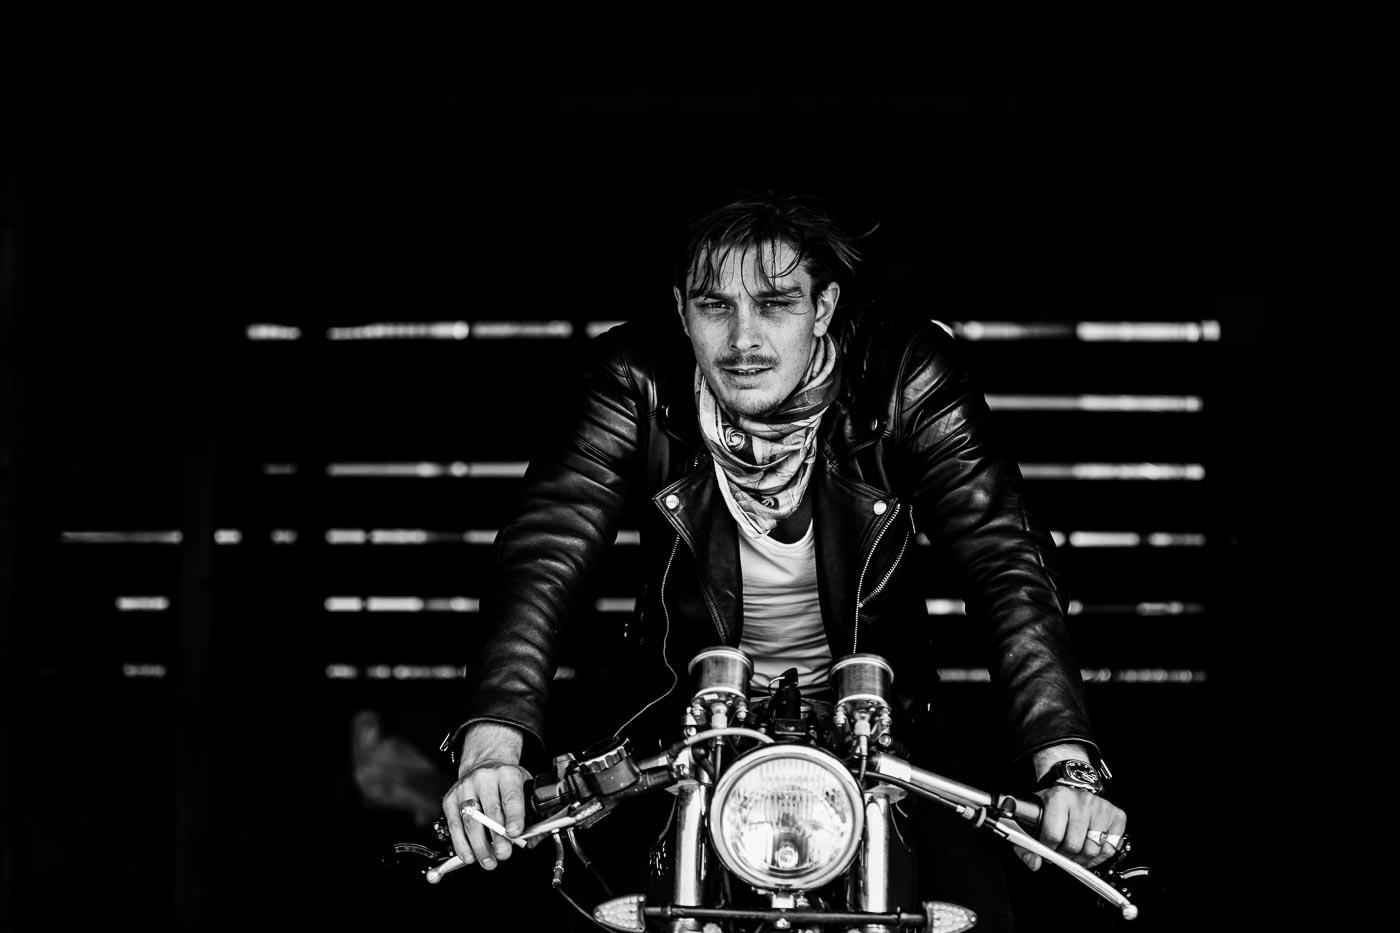 WilkieVintage_Motorcycle_Projects @ Alan Thomas Duncan Wilkie-22.jpg